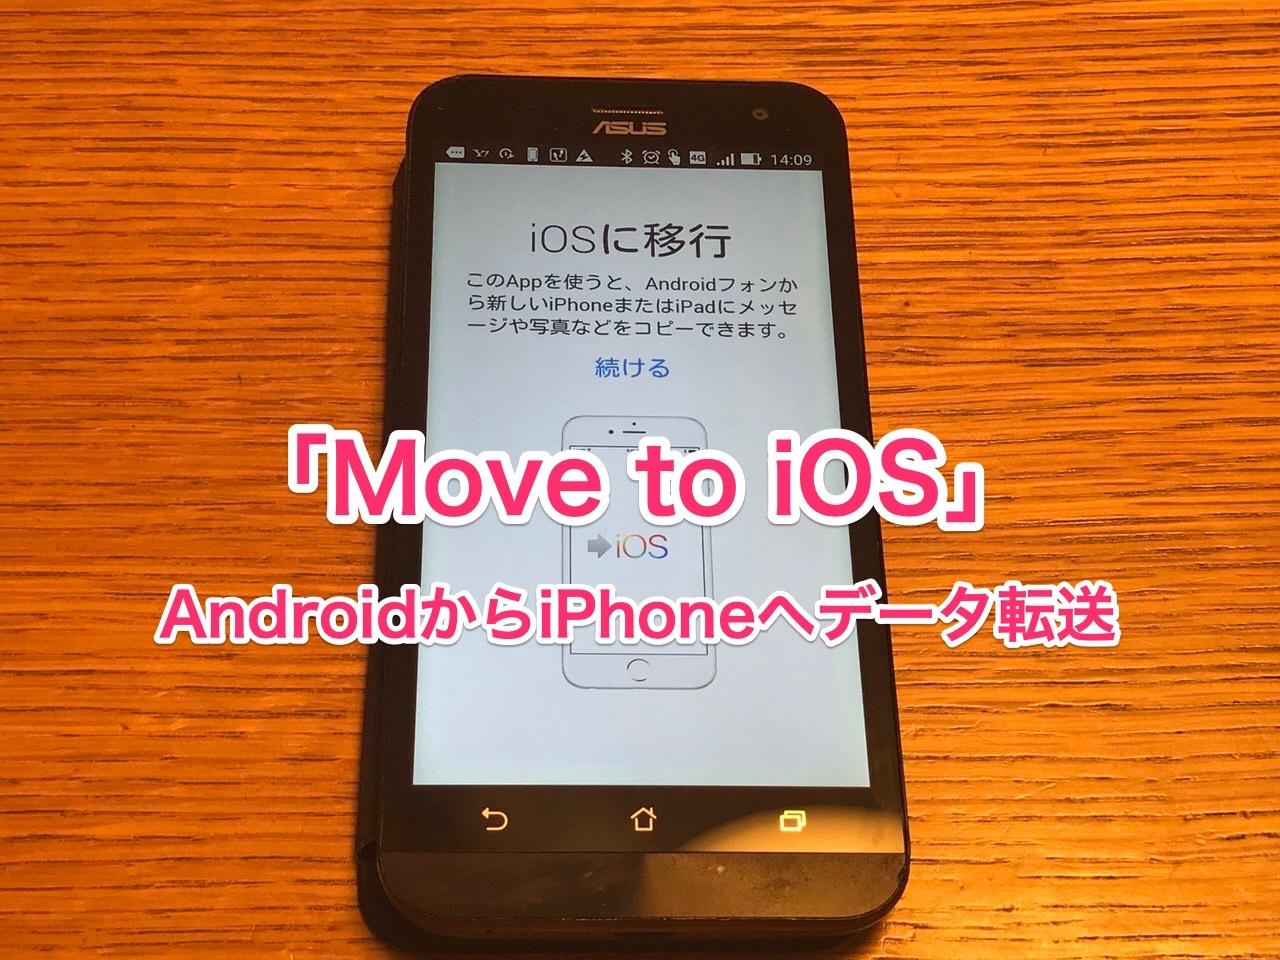 AndroidからiPhoneに機種変更してみた話 → 「Move to iOS」データ転送はうまく機能せず